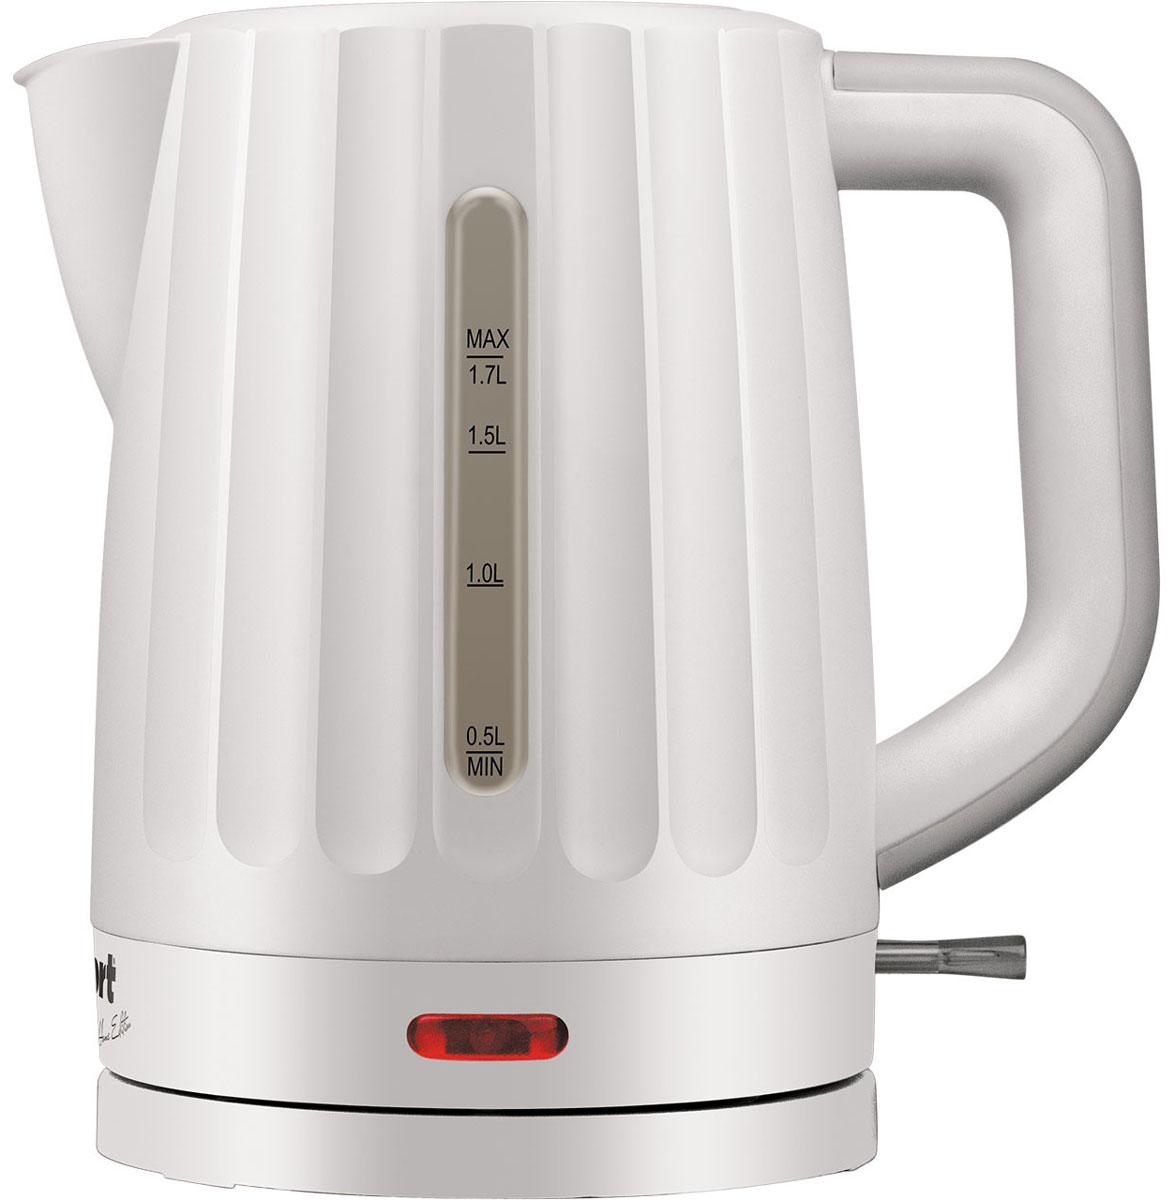 Bort BWK-2017P электрический чайник91276919Стильный чайник Bort BWK-2017P из высококачественной пластмассы позволит быстро вскипятить нужное количество воды. Широко открывающаяся крышка, легкоснимаемый мелкопористый фильтр и плоский нагревательный элемент - всё создано для комфортной эксплуатации и чистки чайника. Окошки контроля уровня воды, расположенные с левой и правой стороны чайника, удобны для левшей и правшей. Эргономичная ручка чайника настолько удобна, что вы легко и комфортно контролируете весь процесс.Длина кабеля: 0,5 м